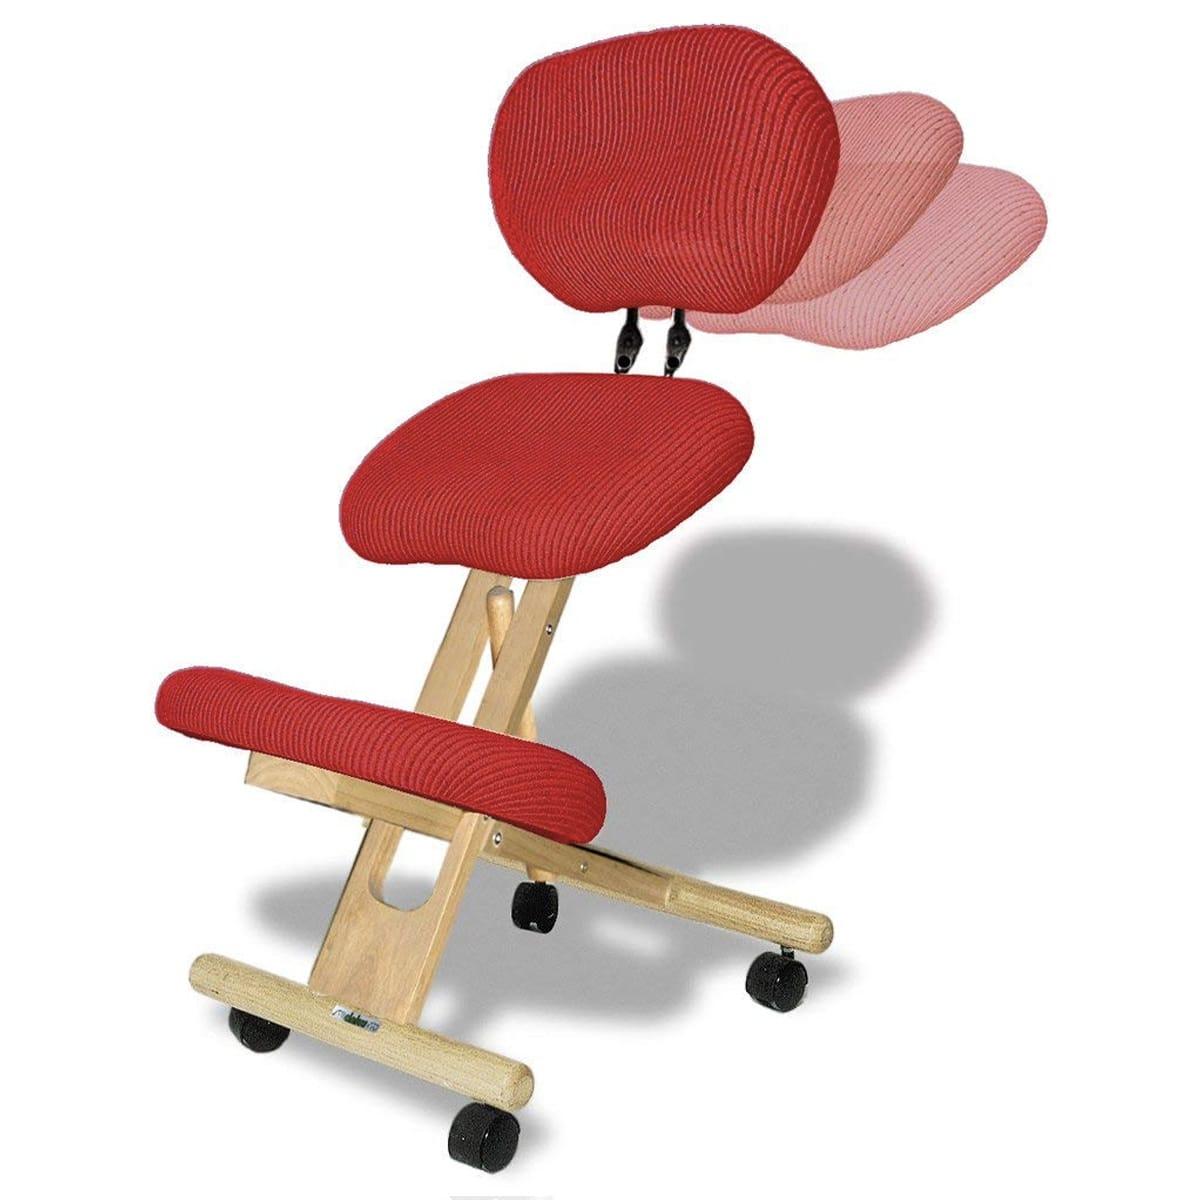 nouveau concept 5e6f9 3771a Siège assis genoux : conseils, avis et guide d'achat